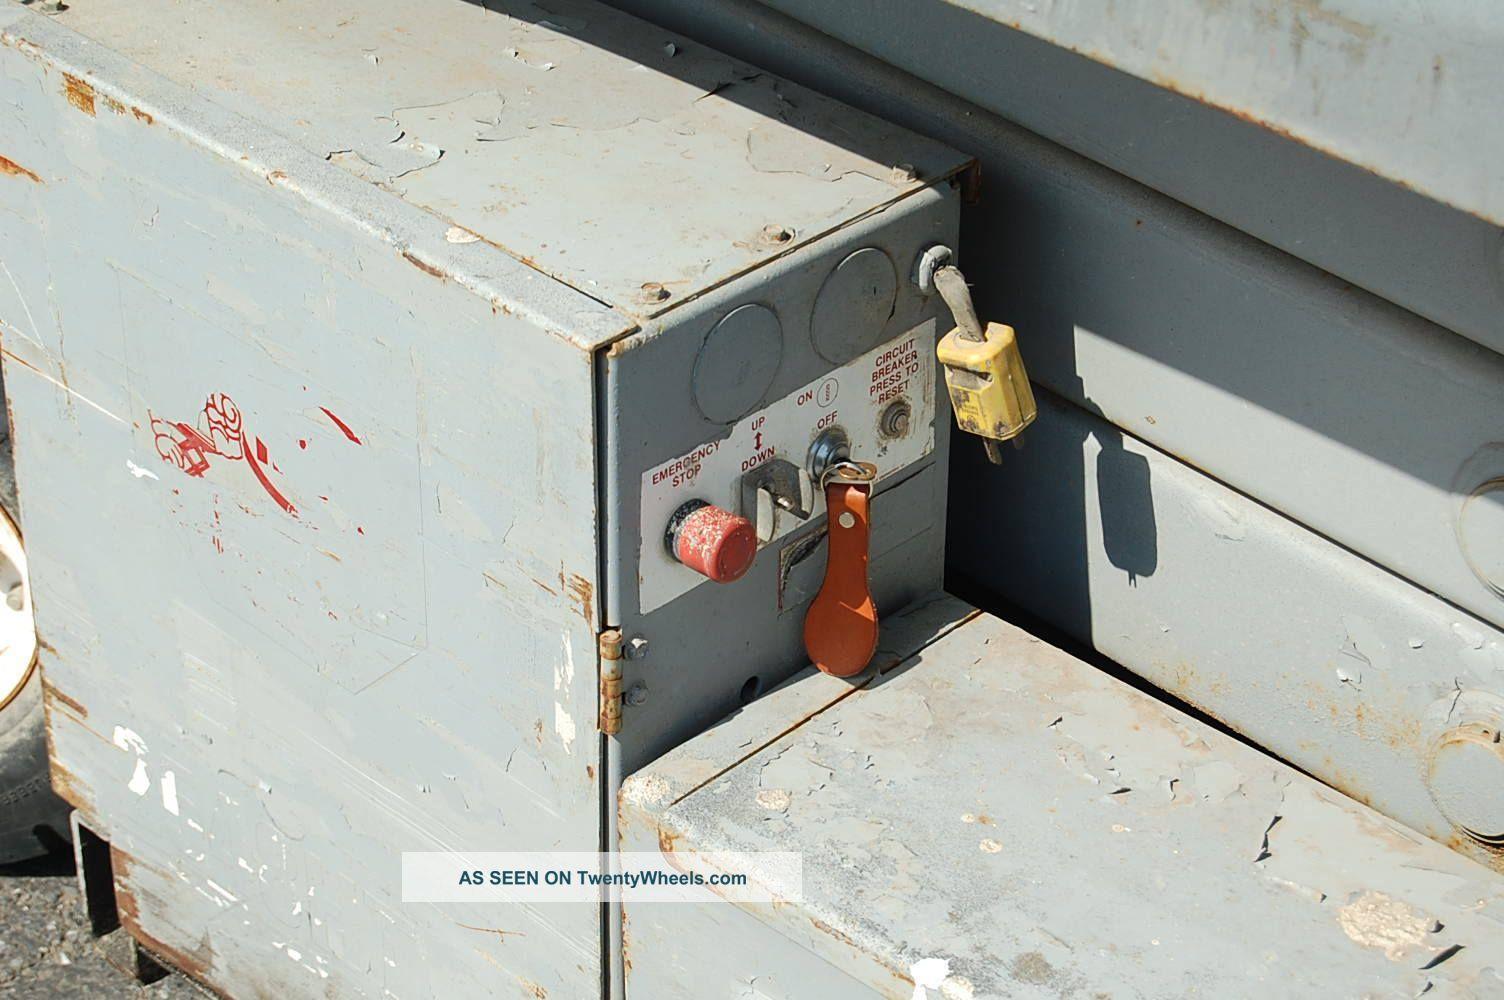 mec 2548ht electric scissor lift manual